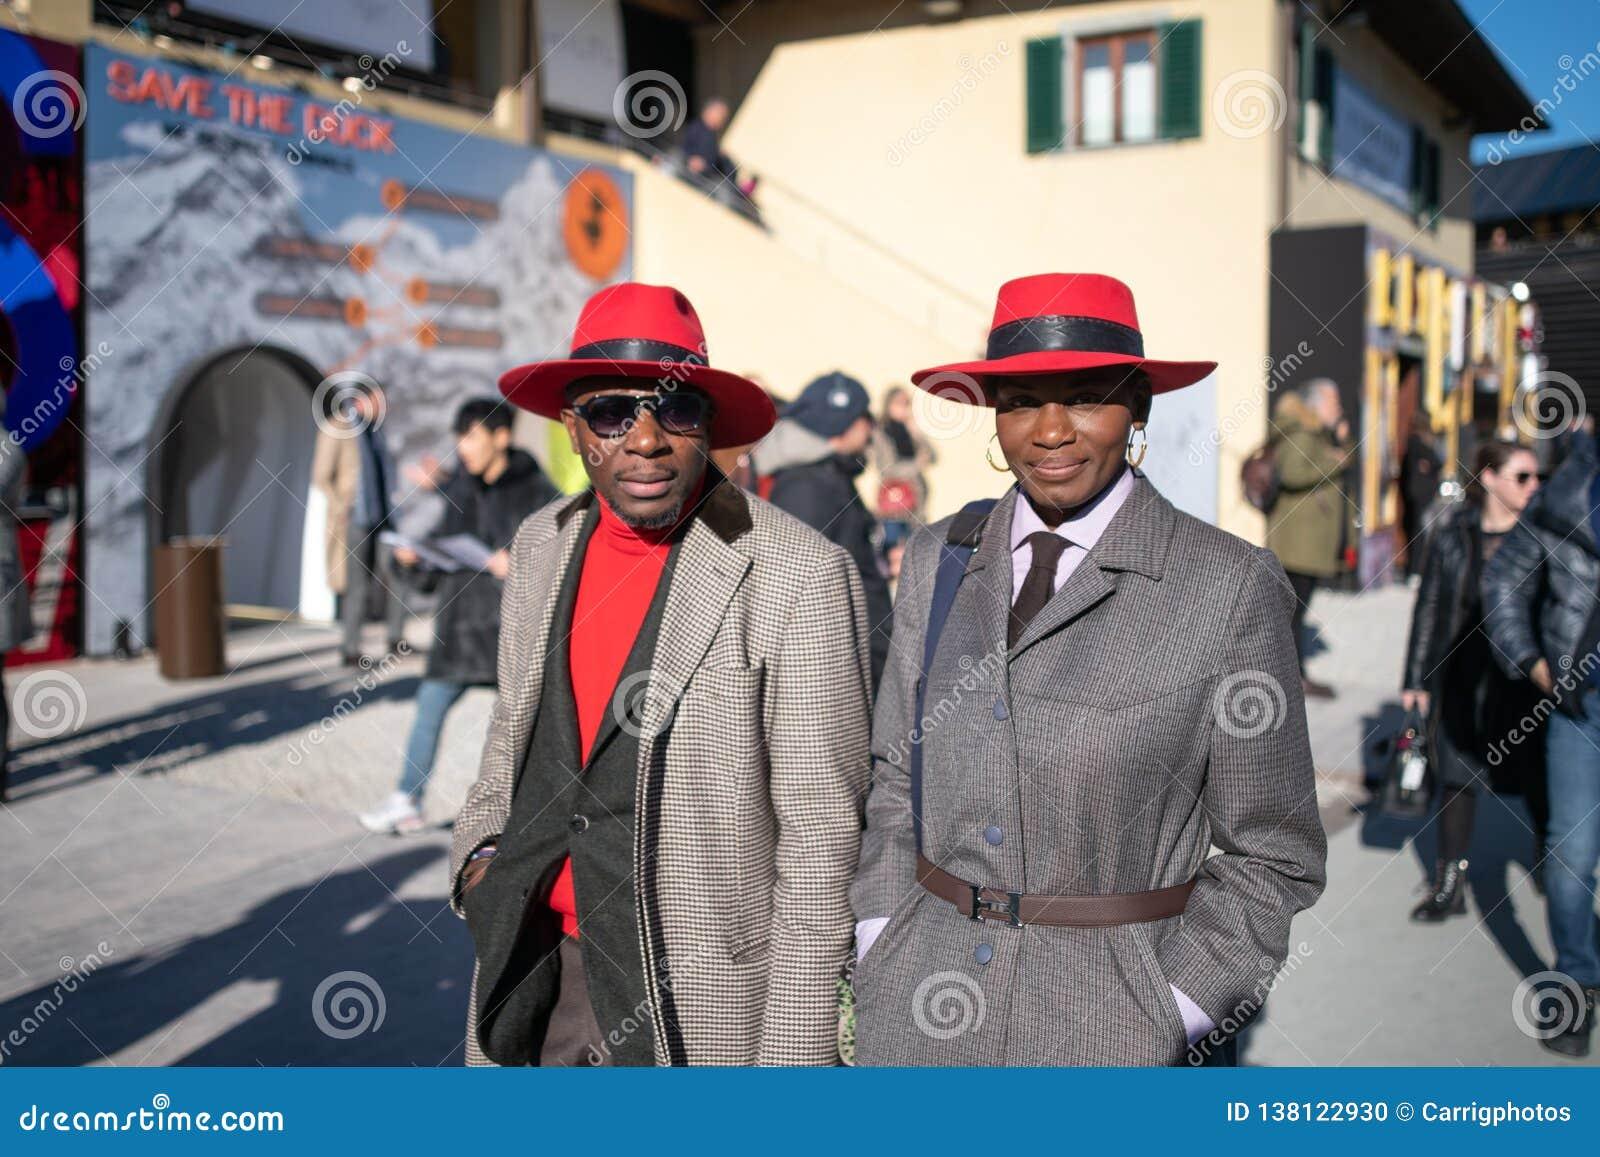 Pitti Uomo 95,佛罗伦萨,意大利